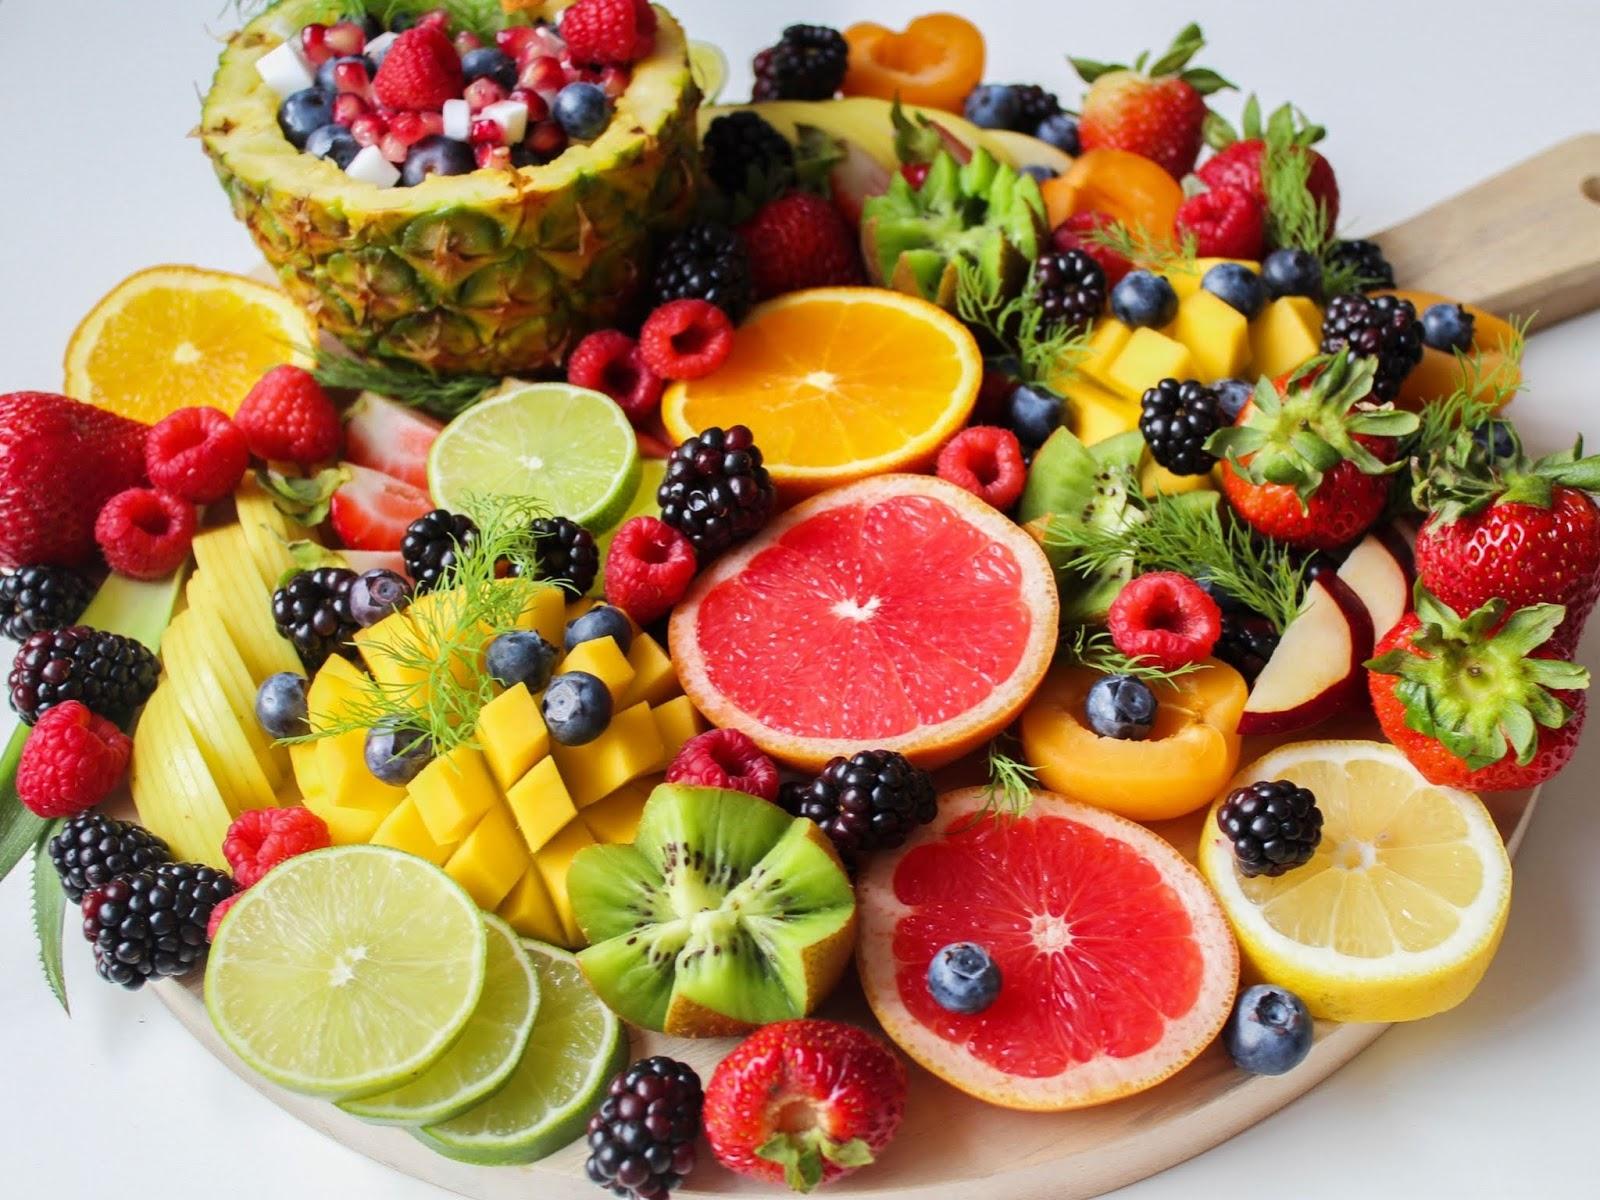 الأطعمة الموسومية لفصل الصيف